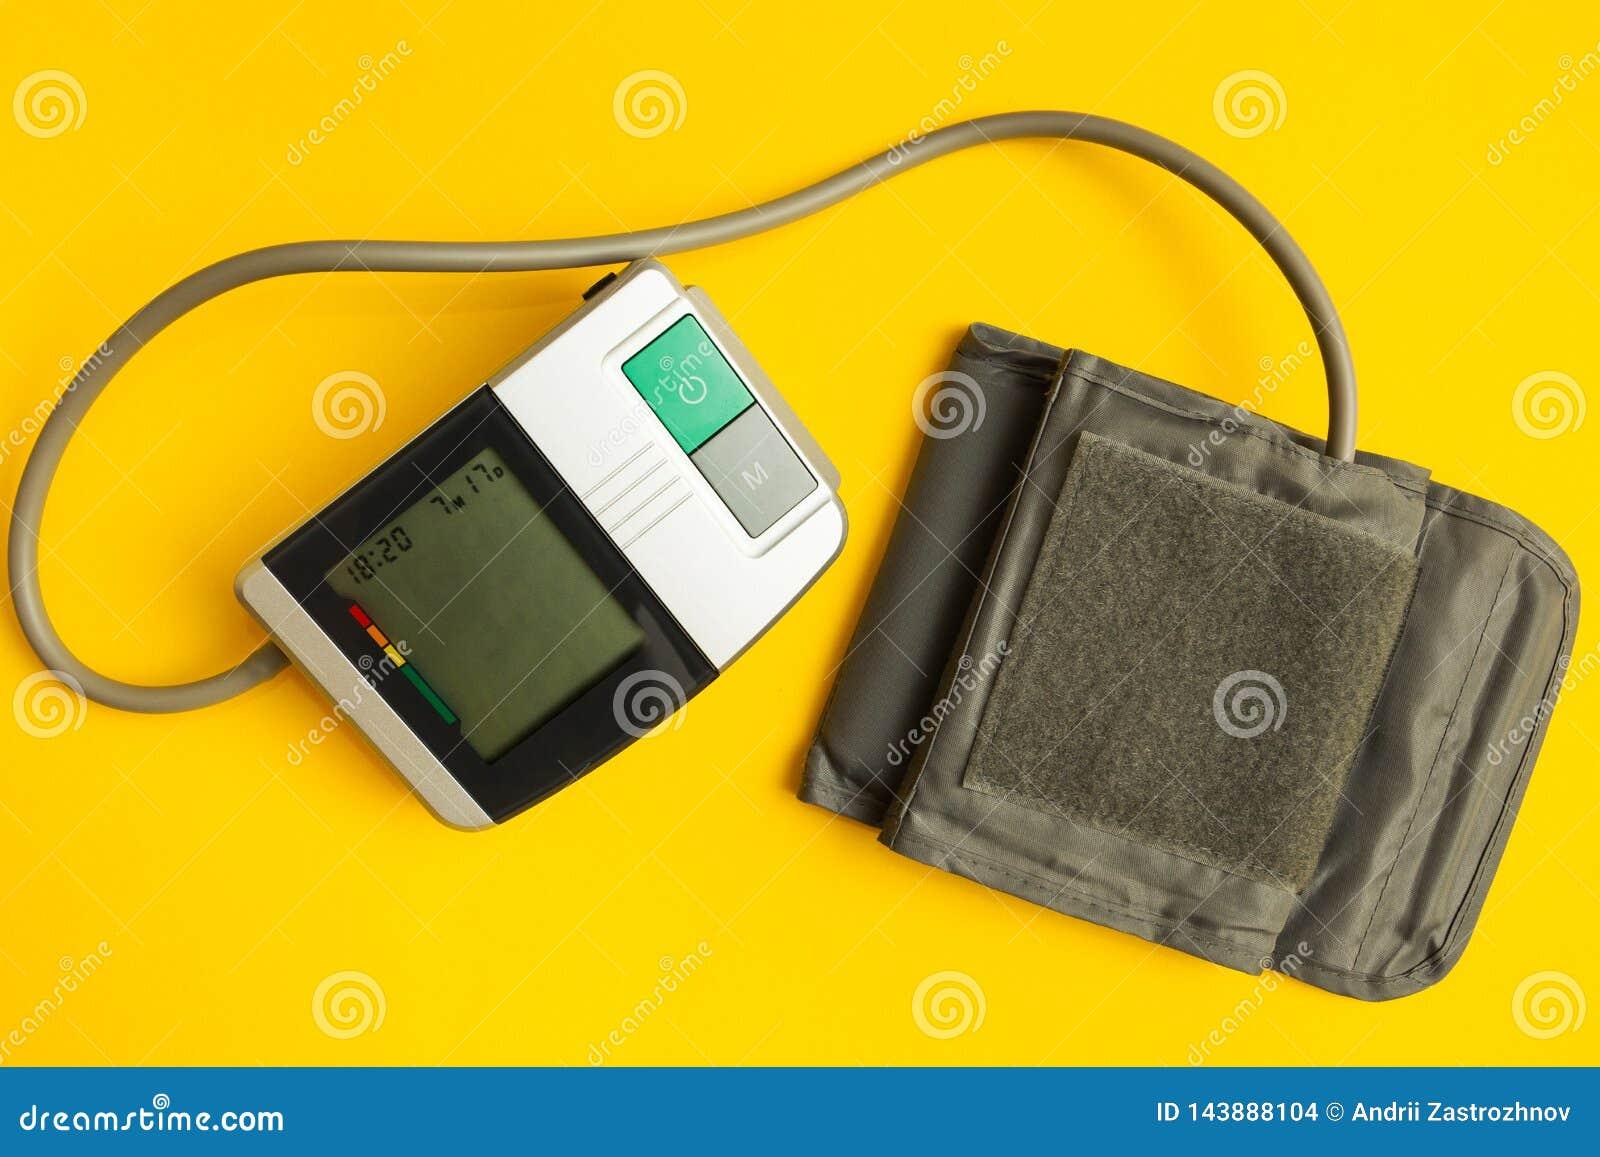 Instrumento de Digitaces para la presi?n arterial de medici?n en un fondo amarillo